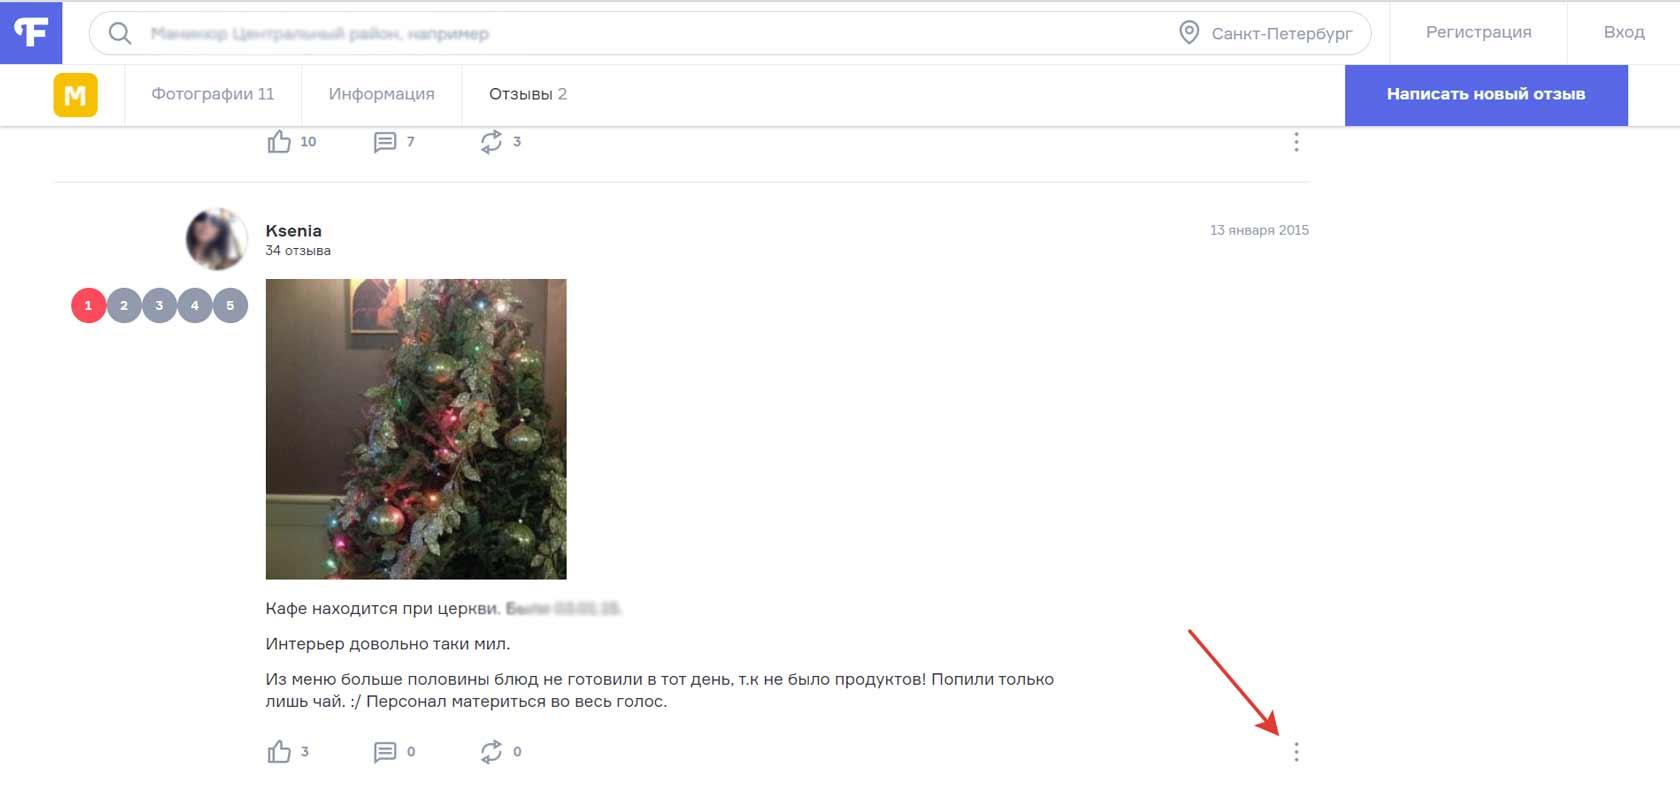 Требование удалить негативный отзыв на Flamp